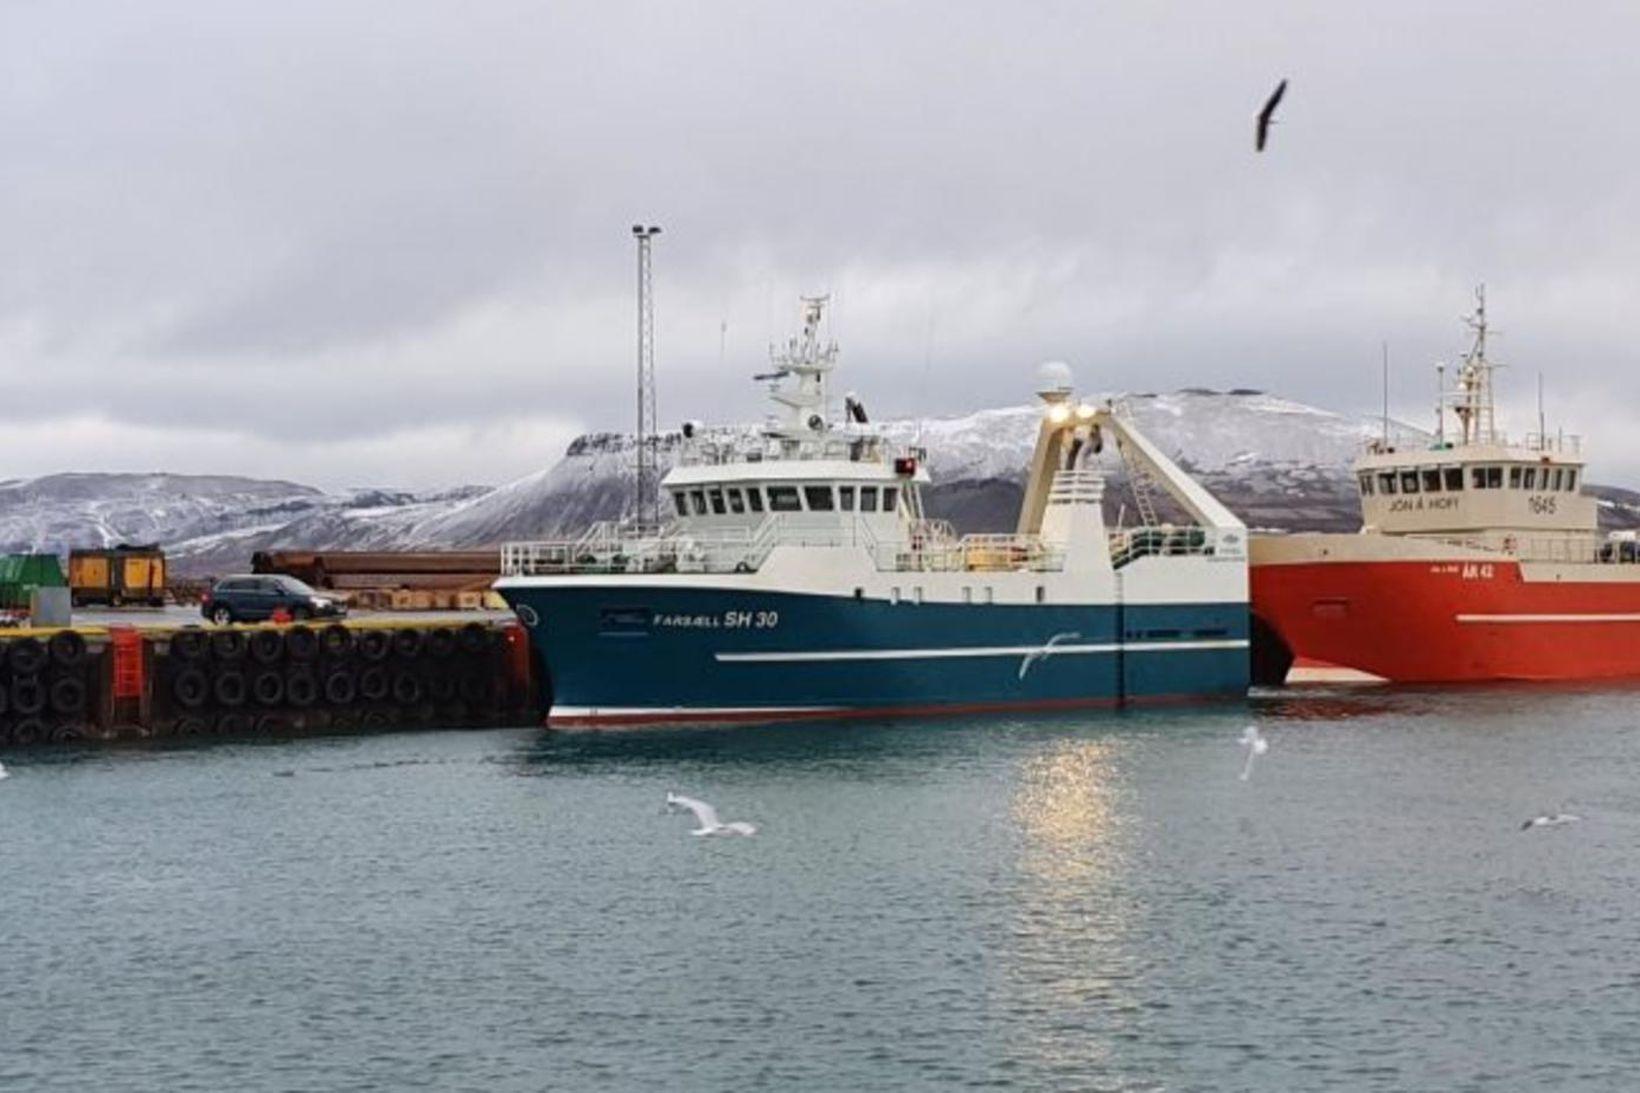 Farsæll landaði 74 tonnum í Grundarfirði eftir fimm daga túr.